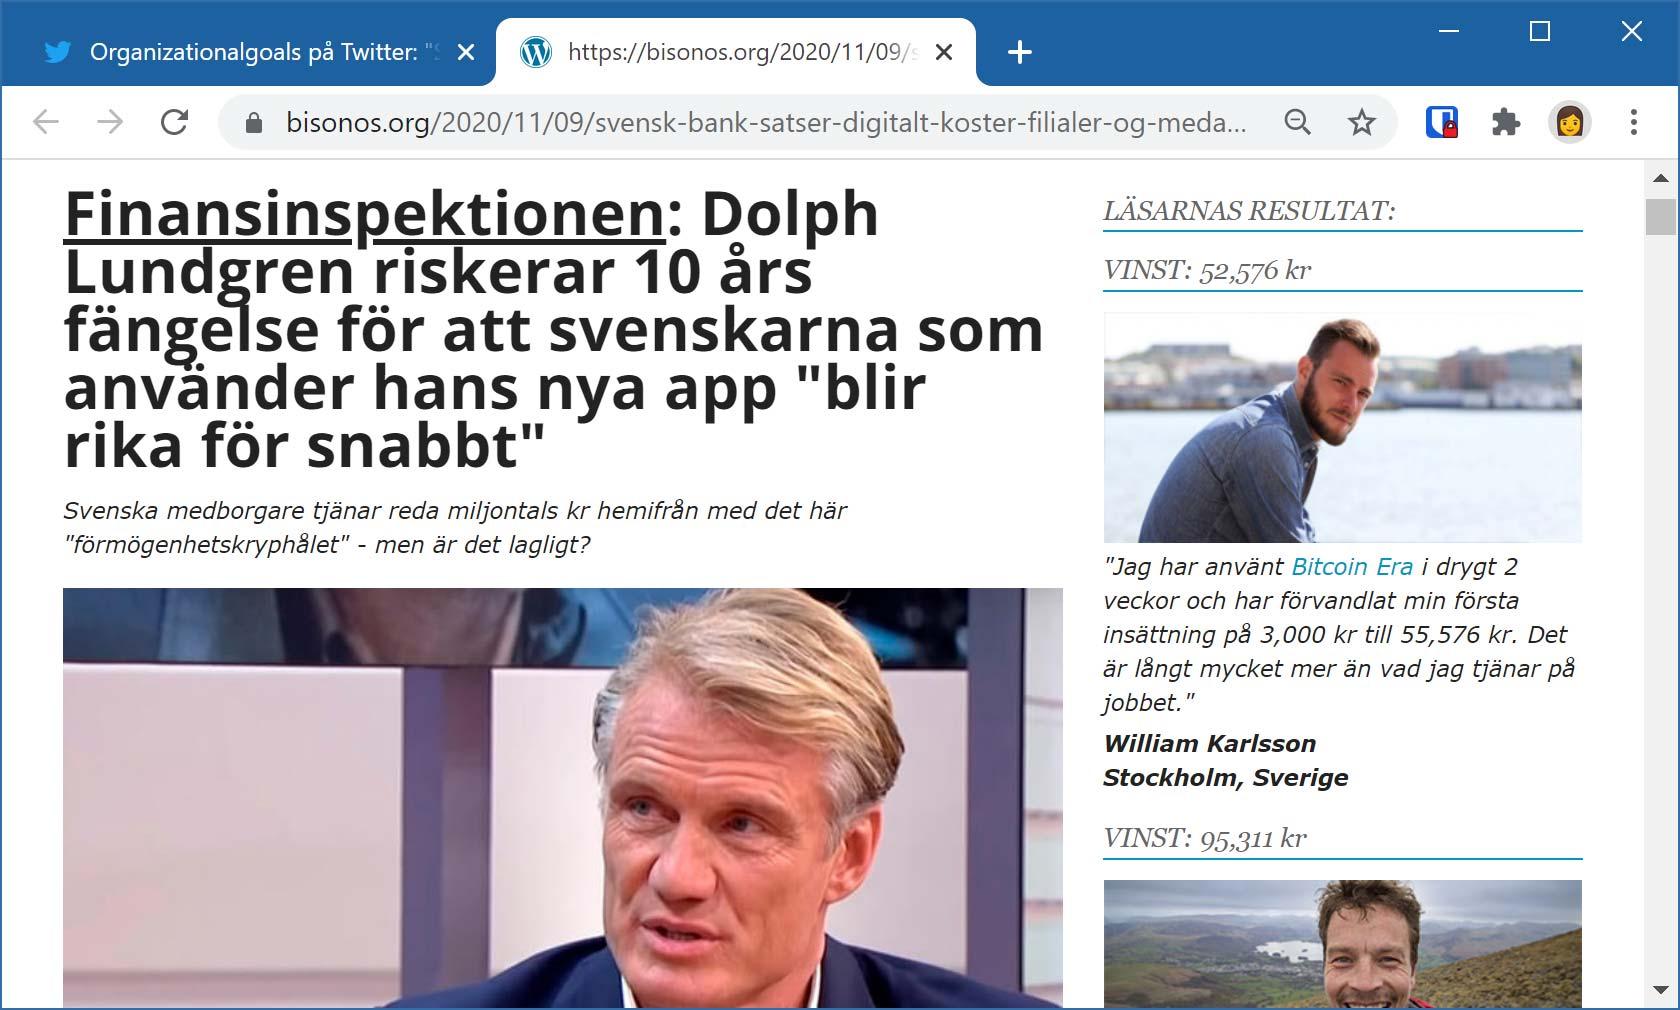 Bluffartikel där skådespelaren Dolph Lundgren påstås riskera fängelse för en app som gör svenskar rika.